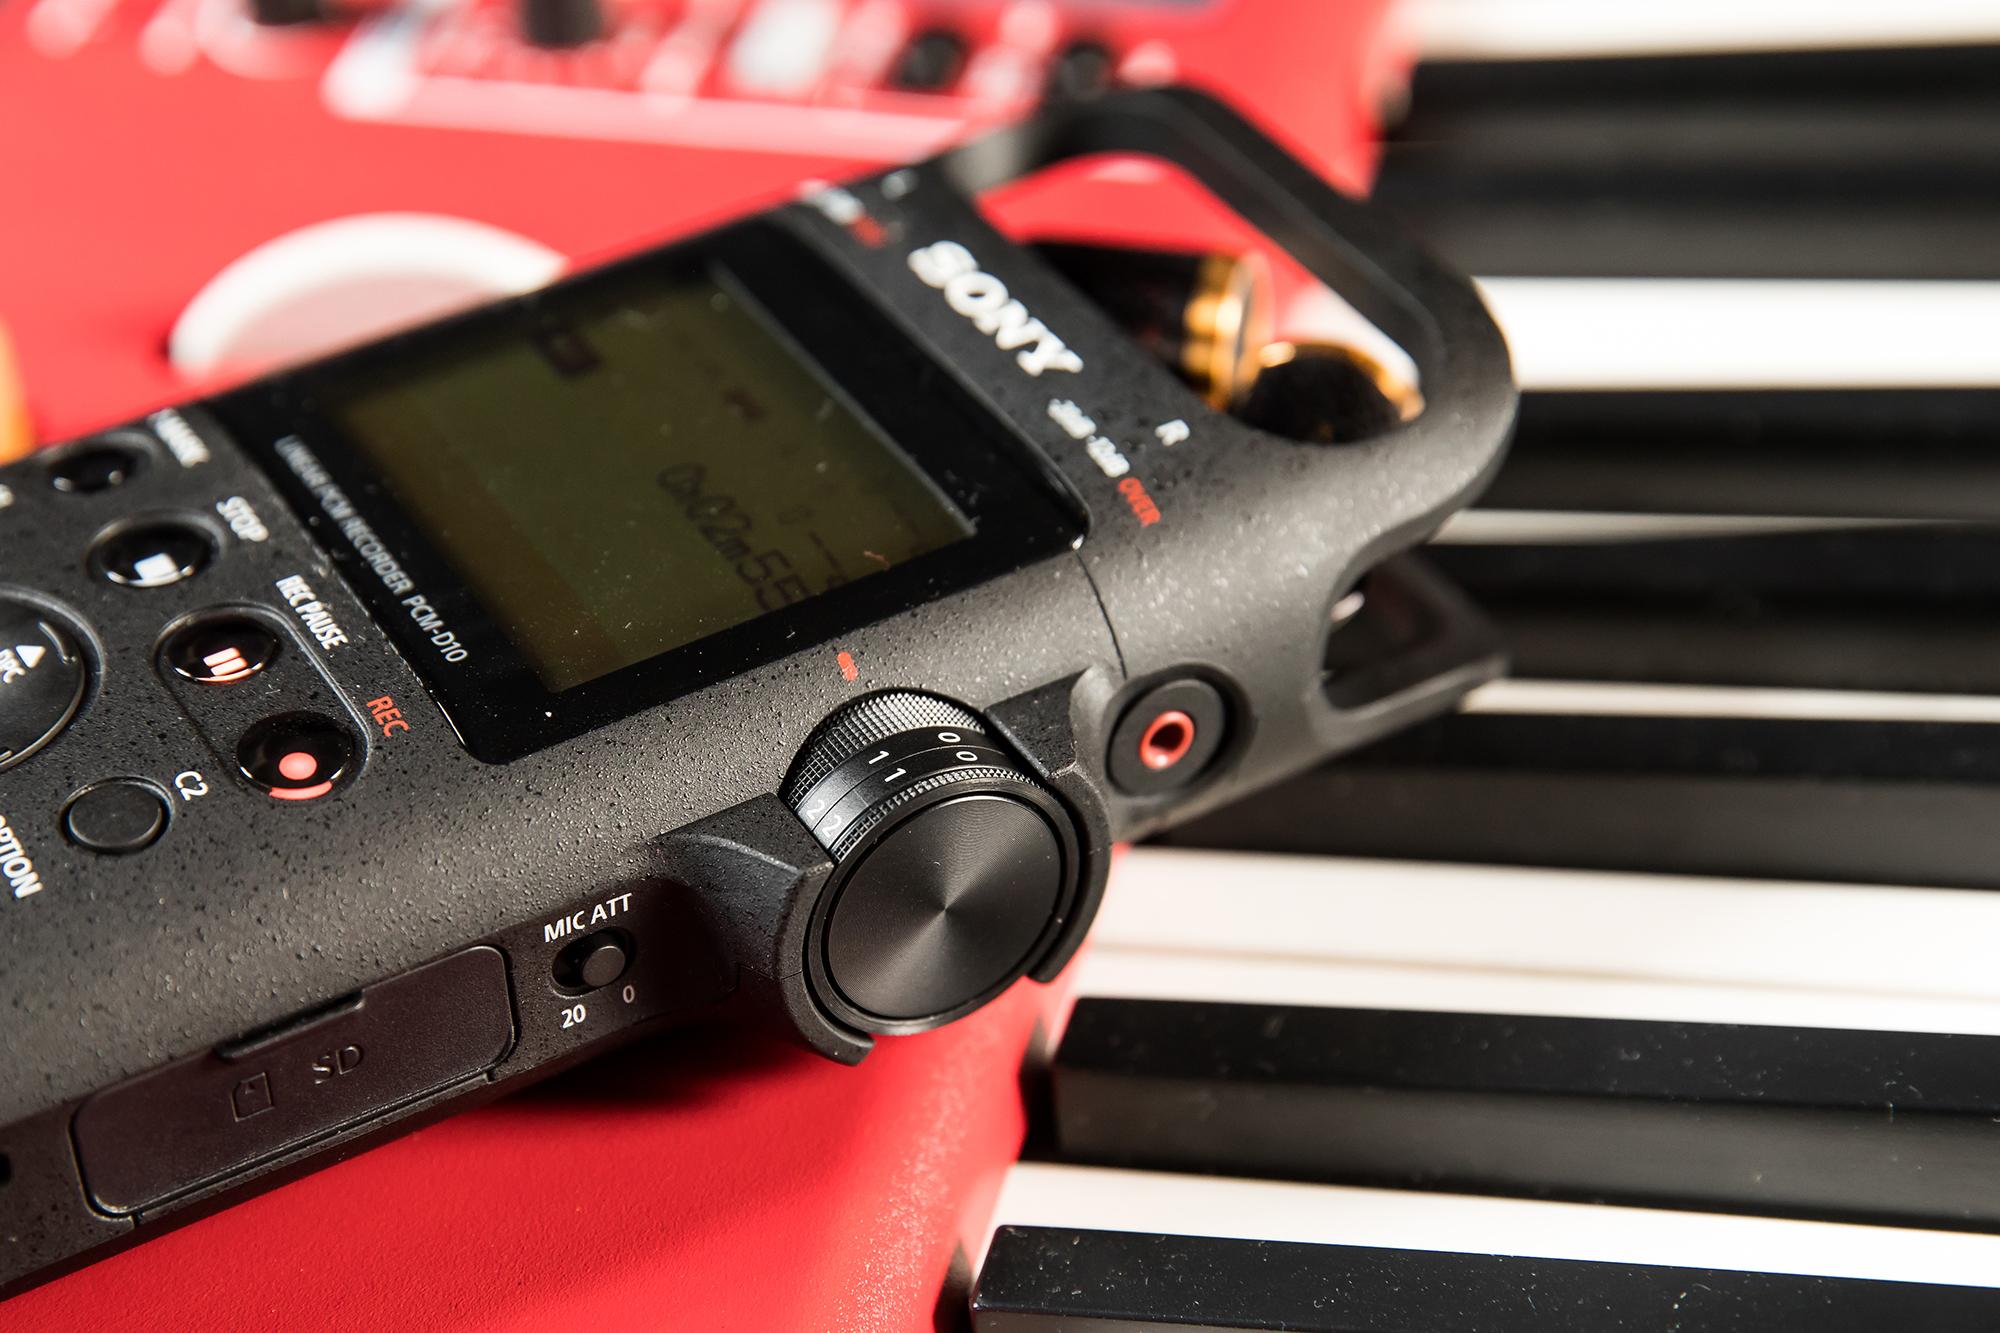 陳小律相當推薦左右聲道獨立類比收音控制轉盤的�計,透過精準的旋轉調整到適當的音量,讓他能即時監聽錄音品質。